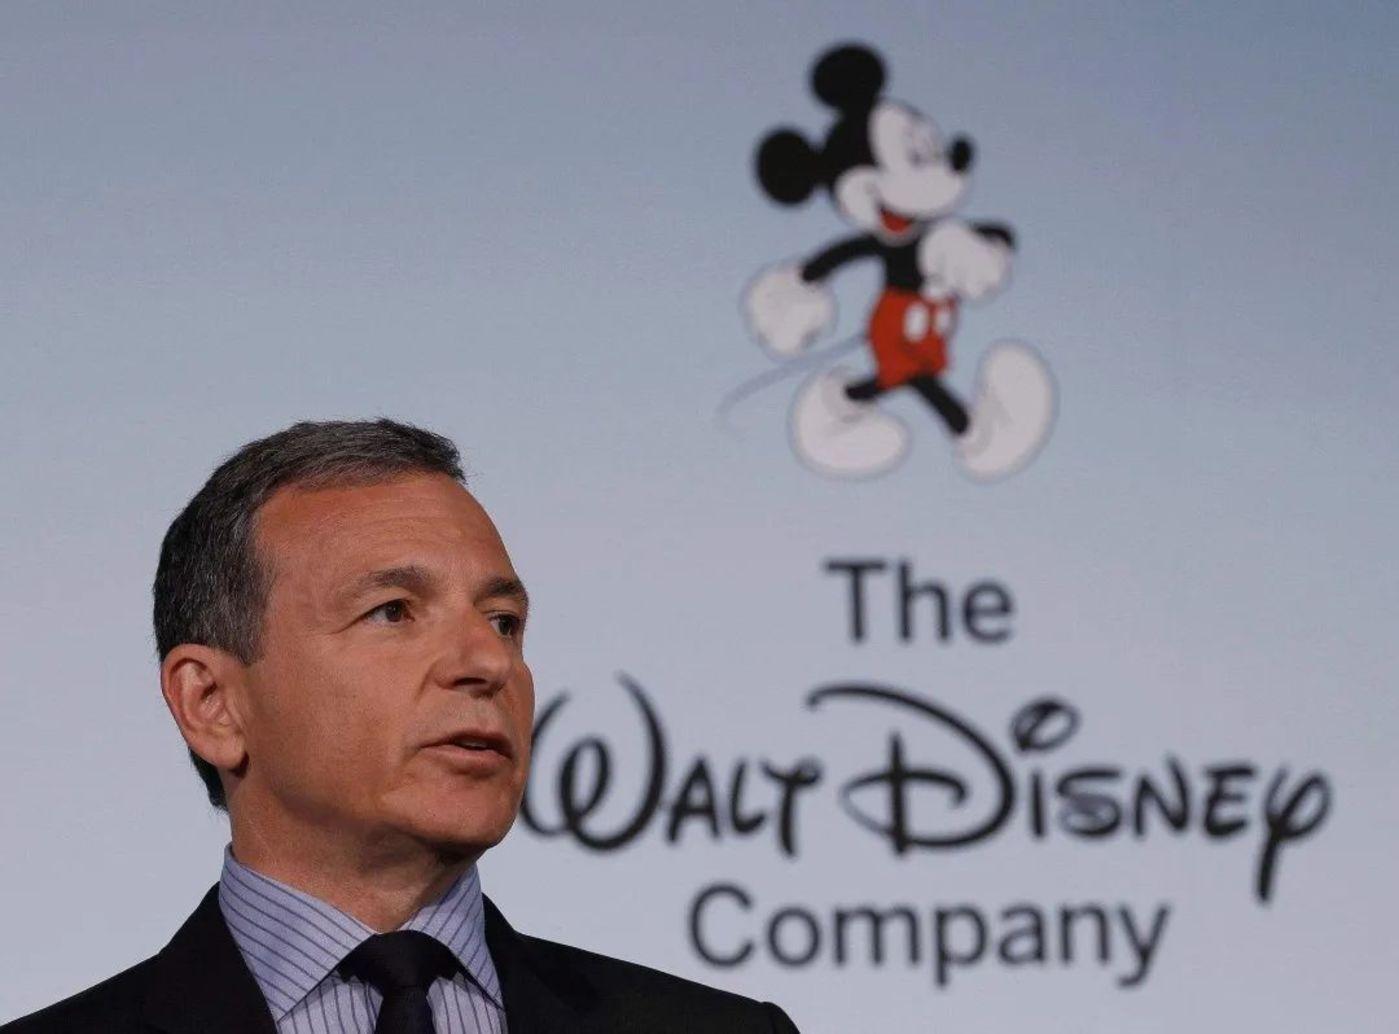 迪士尼前CEO鲍勃·伊格尔重出江湖